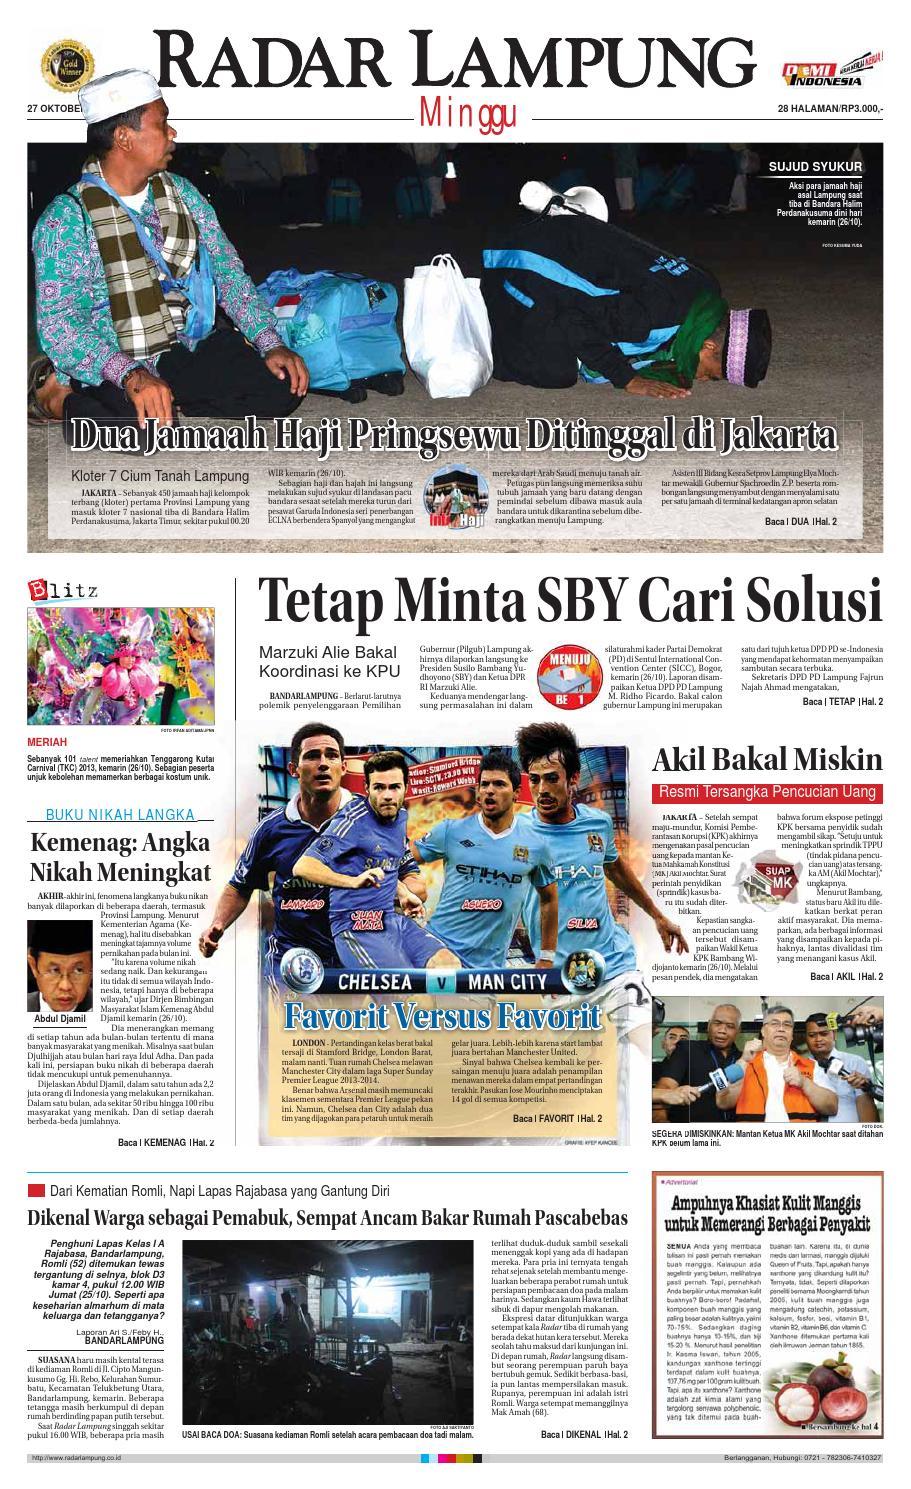 Radar Lampung Minggu 27 Oktober 2013 By Ayep Kancee Issuu Celana Bahan Remaja Dik Ary Collection Bdg